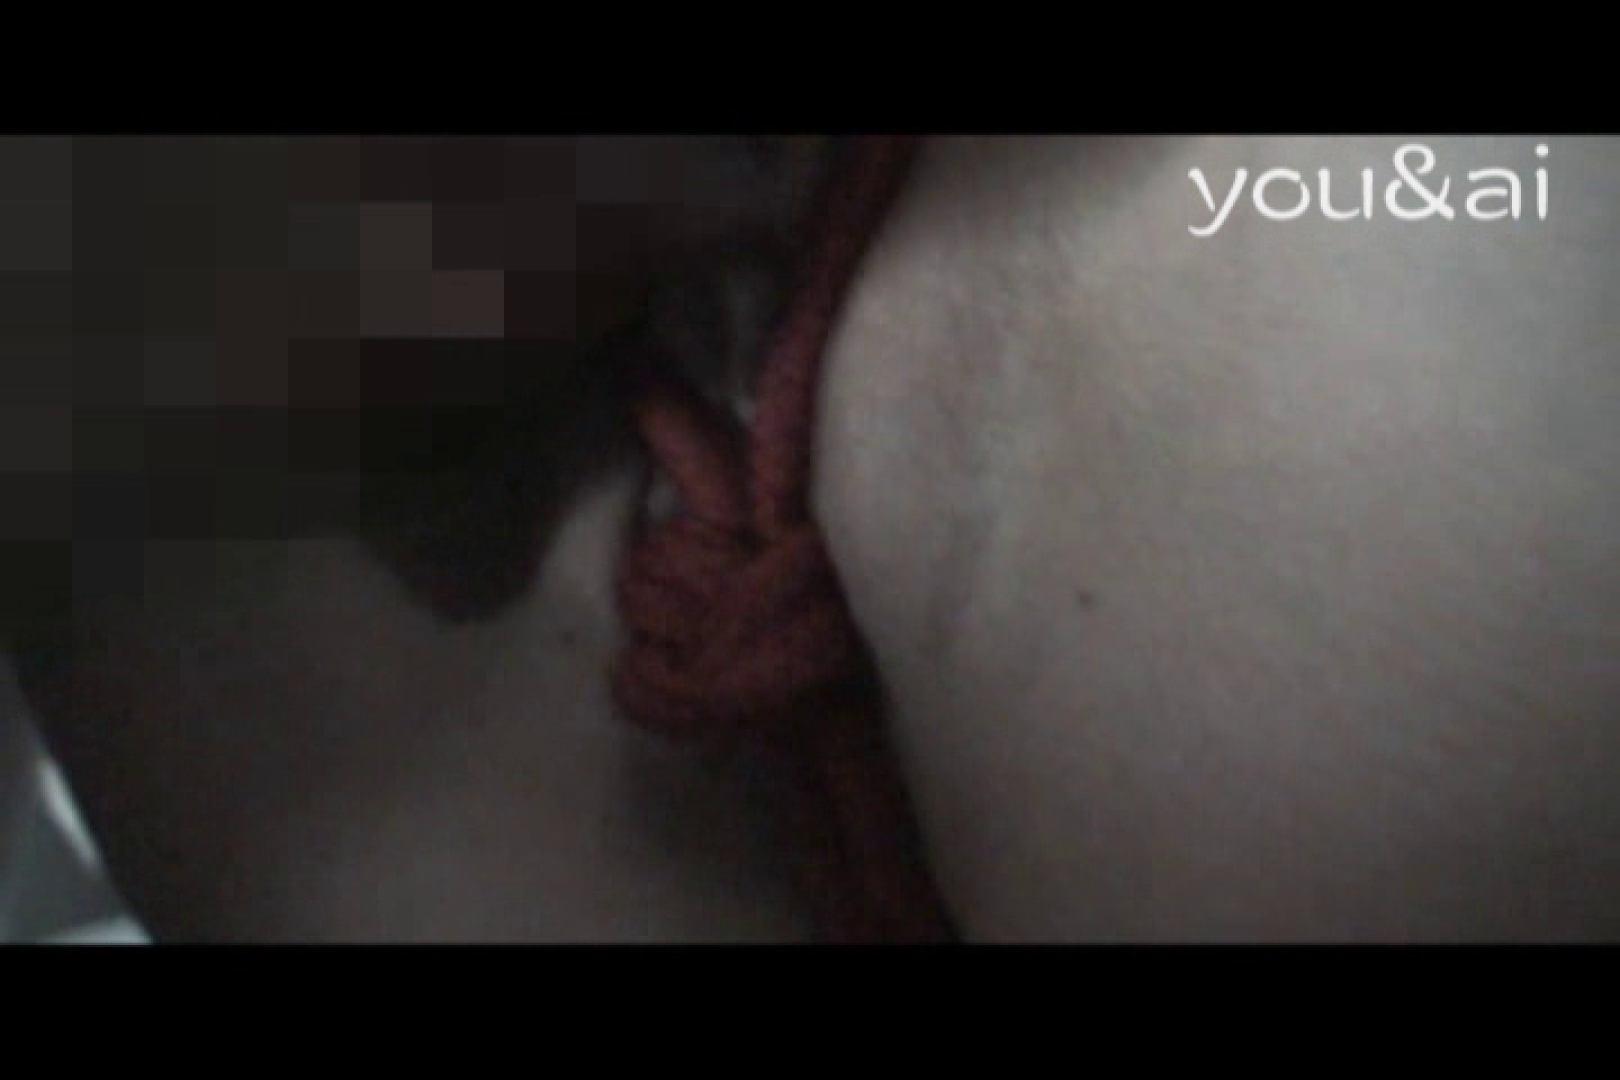 おしどり夫婦のyou&aiさん投稿作品vol.4 カーセックス えろ無修正画像 59連発 12